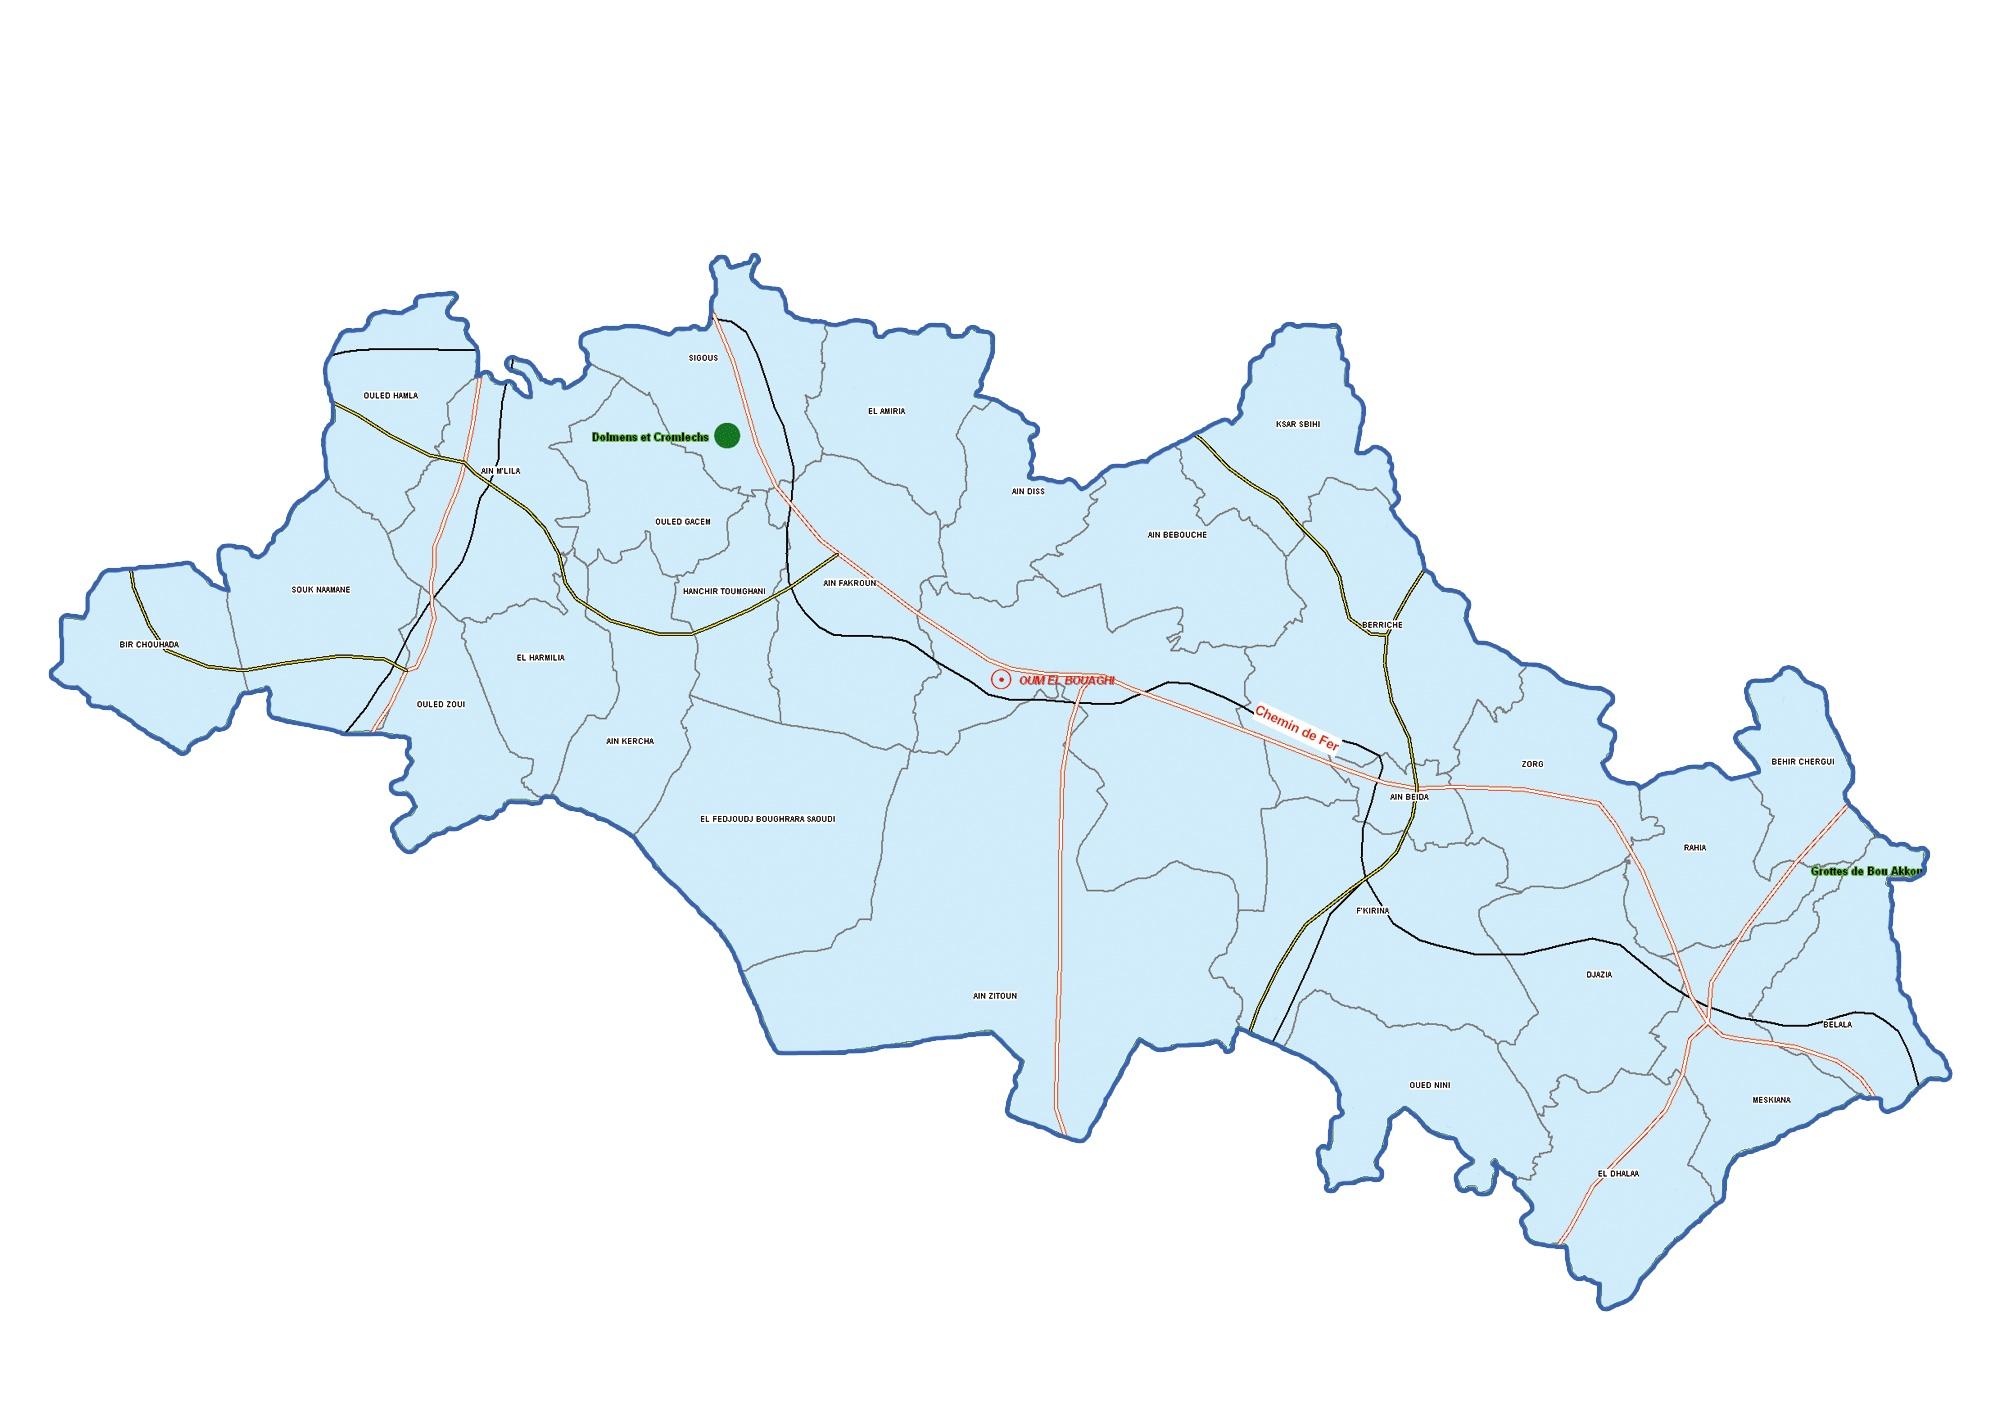 ولاية أم البواقي : خريطة المواقع التاريخية والآثار والتراث الثقافي